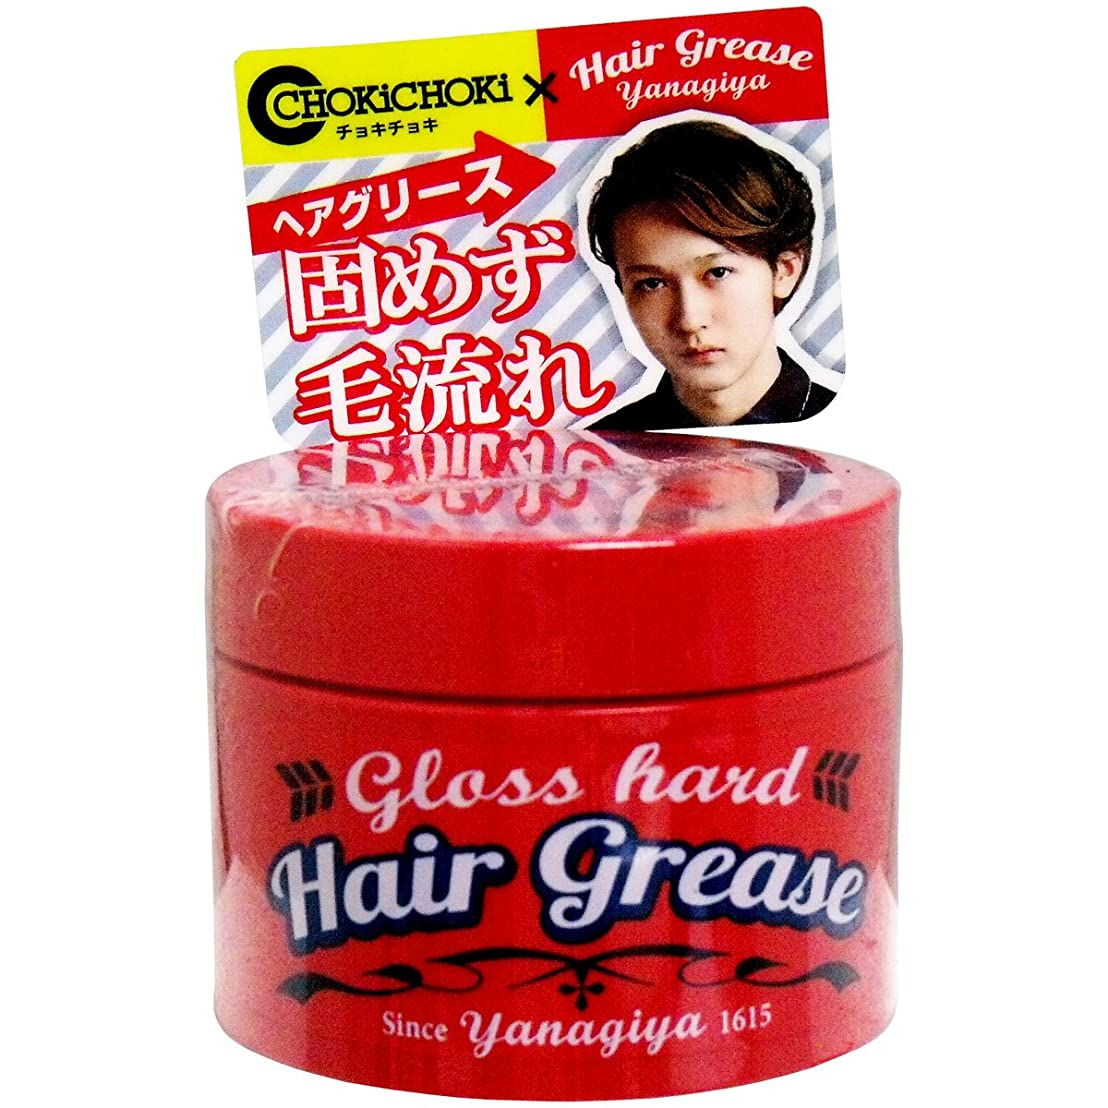 まっすぐにする境界メイドヘアワックス 固めず毛流れ 使いやすい YANAGIYA ヘアグリース グロスハード 90g入【1個セット】